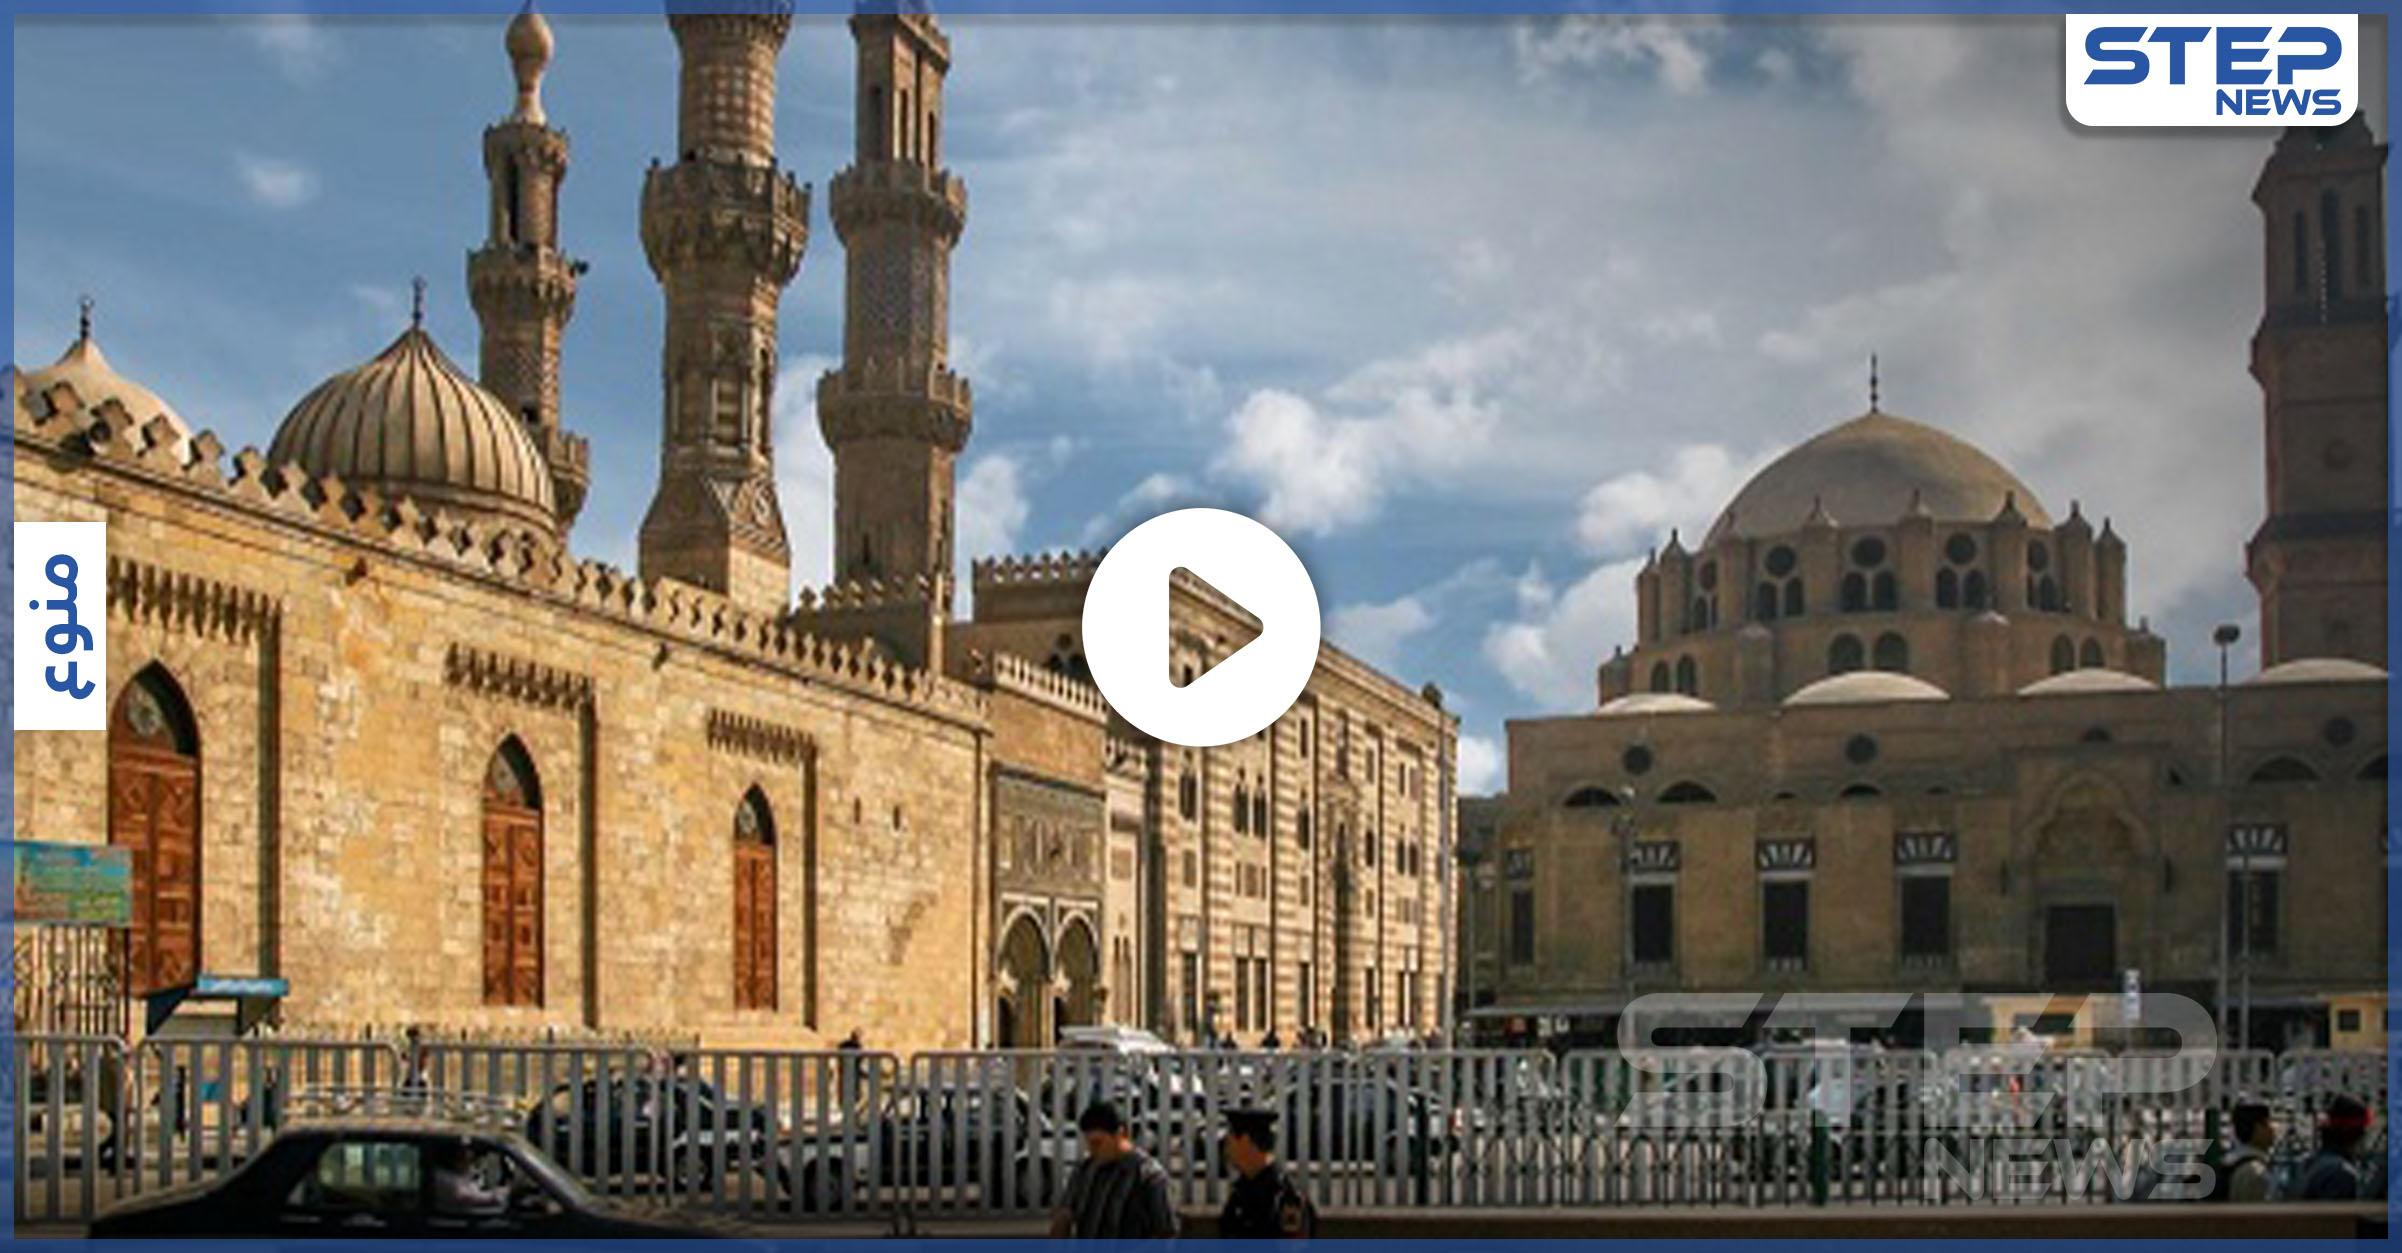 مع اقتراب عيد الأضحى المبارك.. الأزهر الشريف يفتي بجواز ذبح المرأة للأضحية